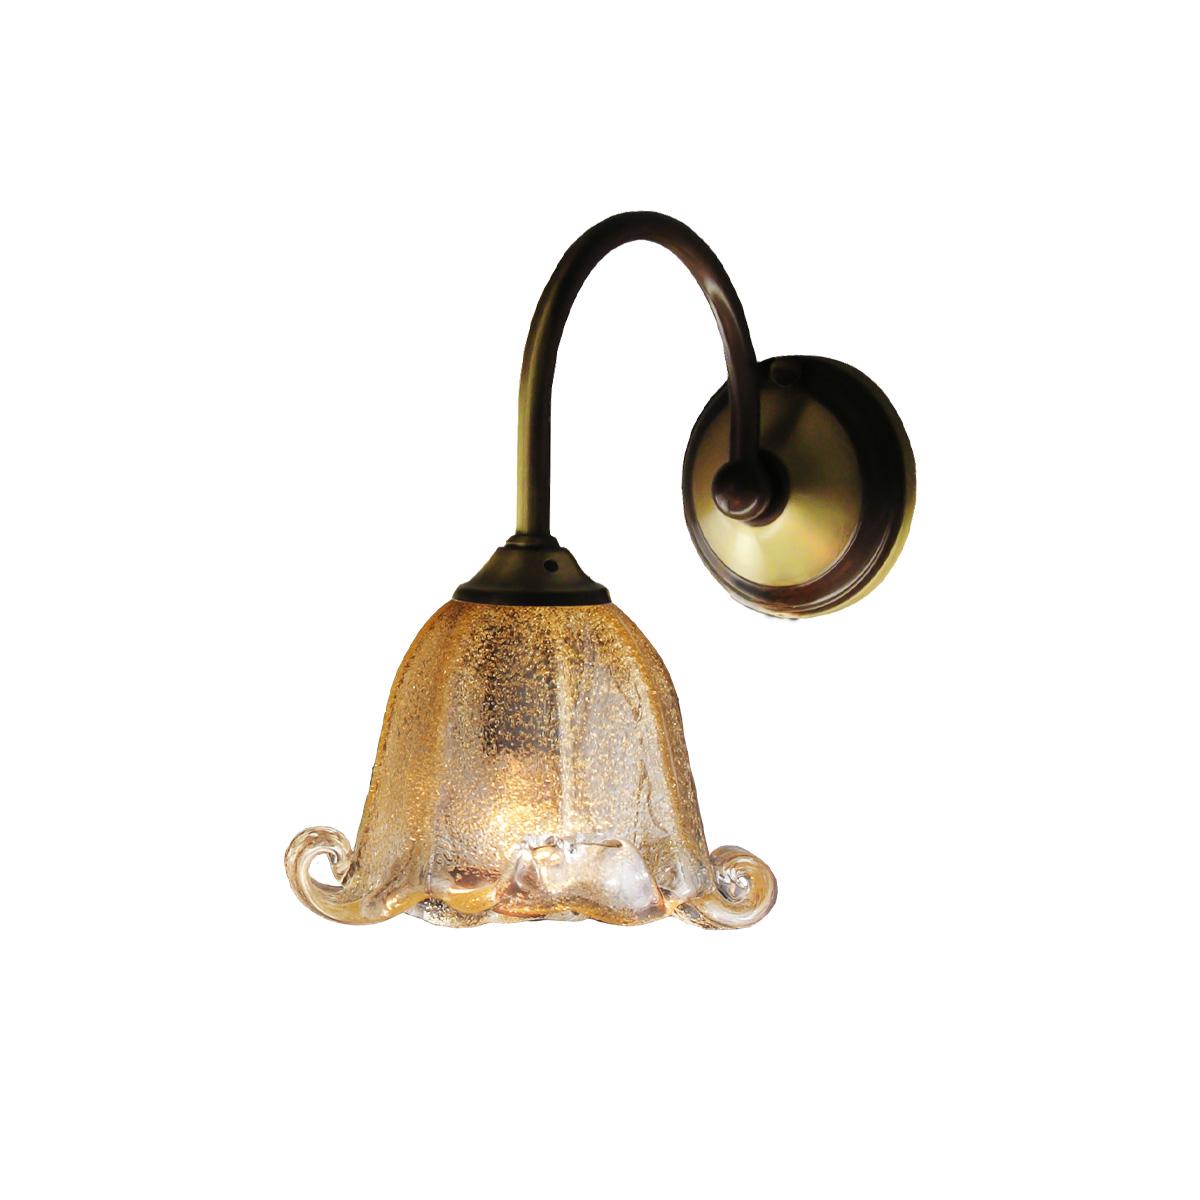 Κλασσικό μπρούτζινο επίτοιχο φωτιστικό ΝΑΞΟΣ-1 classic antique brass sconce